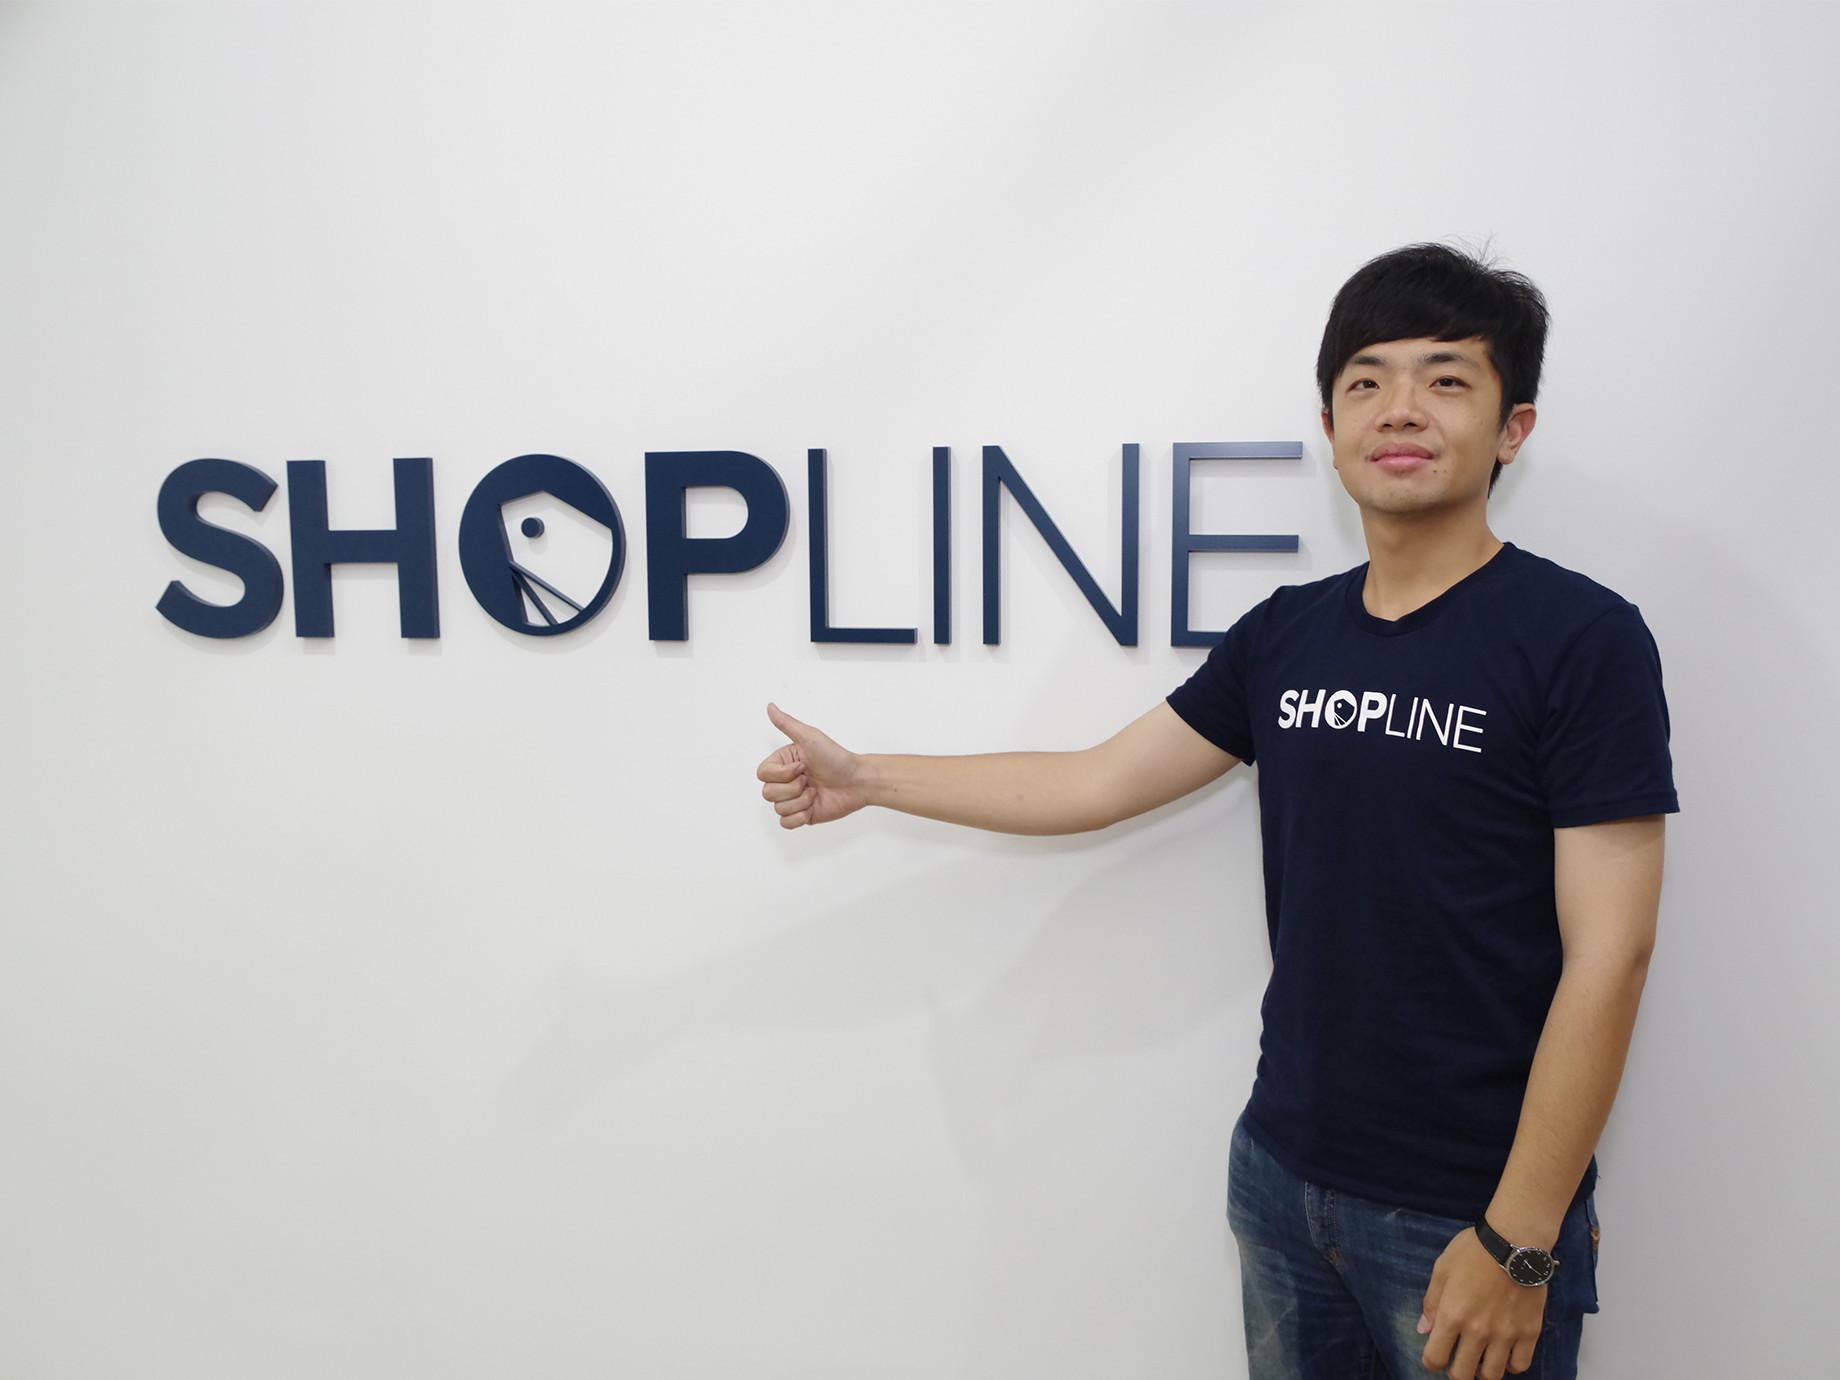 工作分享》王宏澤(SHOPLINE軟體工程師):冷靜,是解決問題的第一步